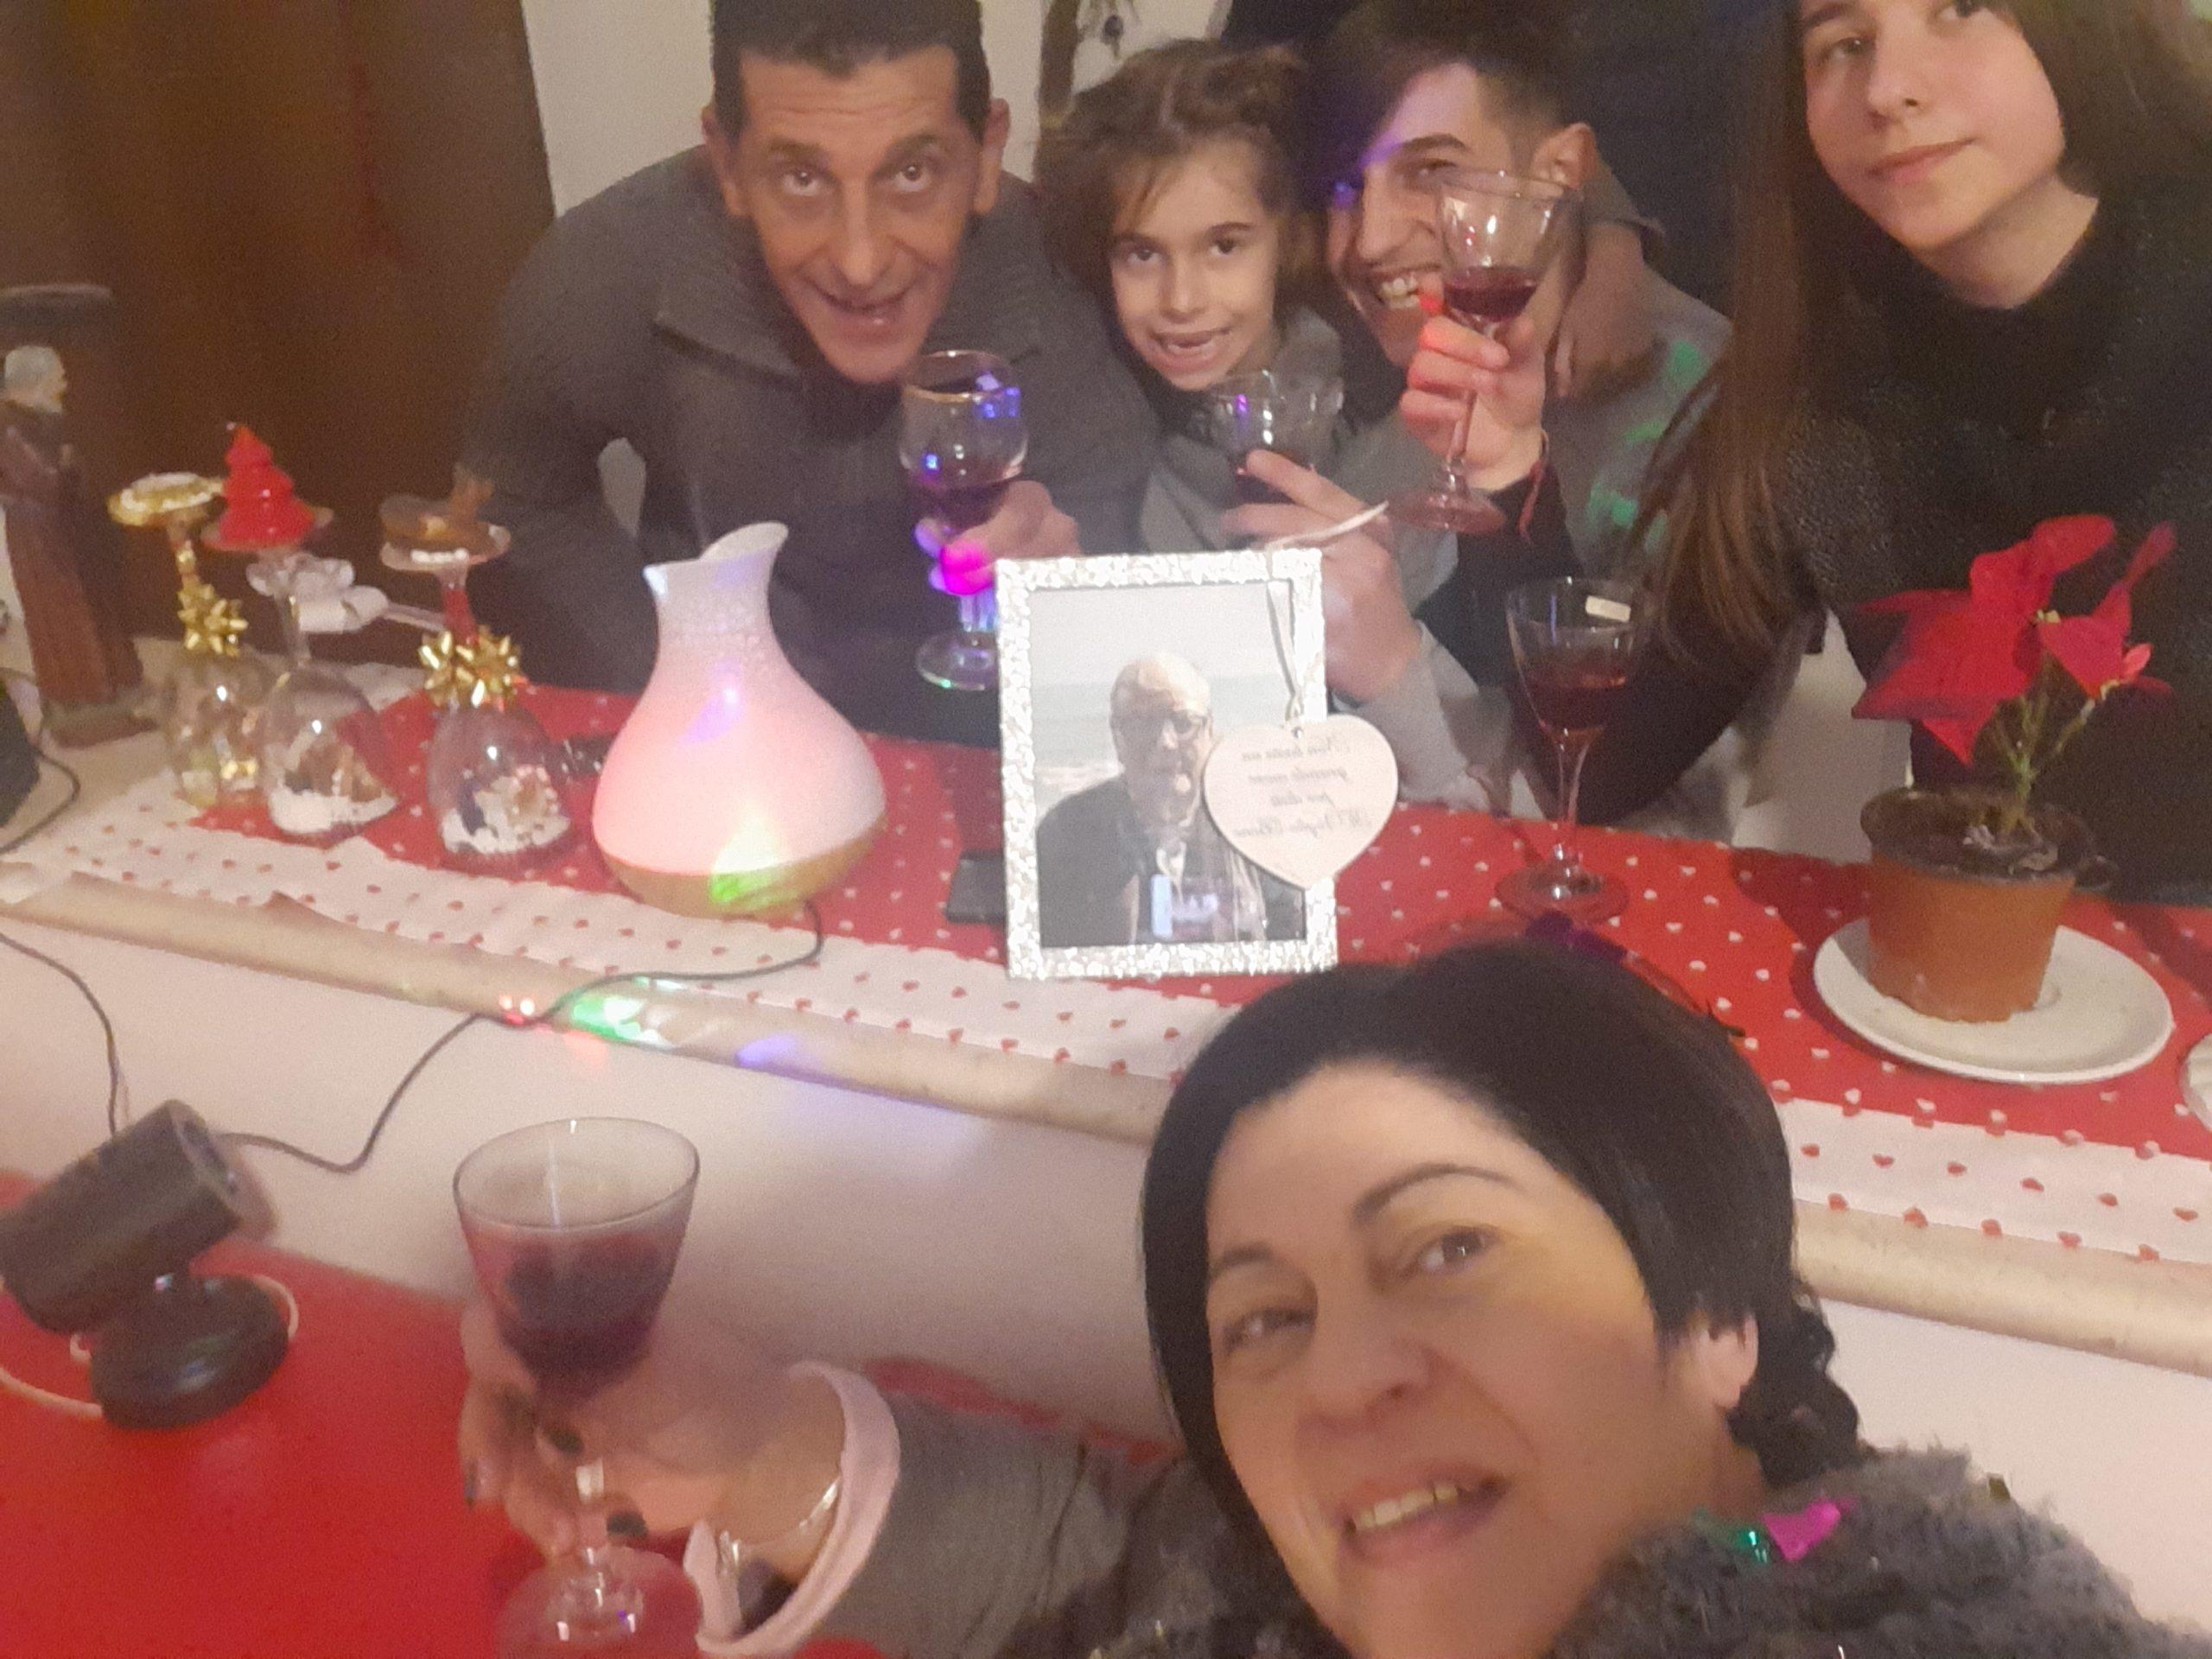 Un buon Natale al mio adorato papà ke e volato via